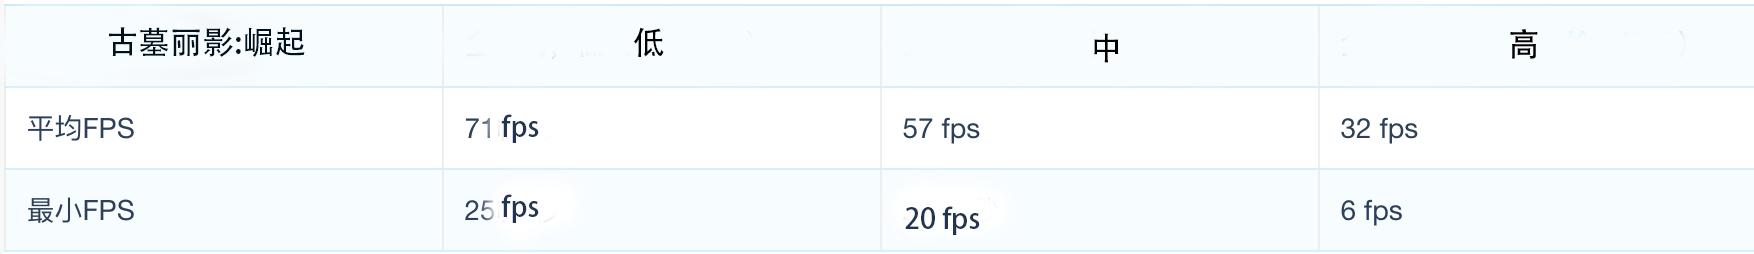 华硕 ASUS ROG GL503GE SCAR 评测